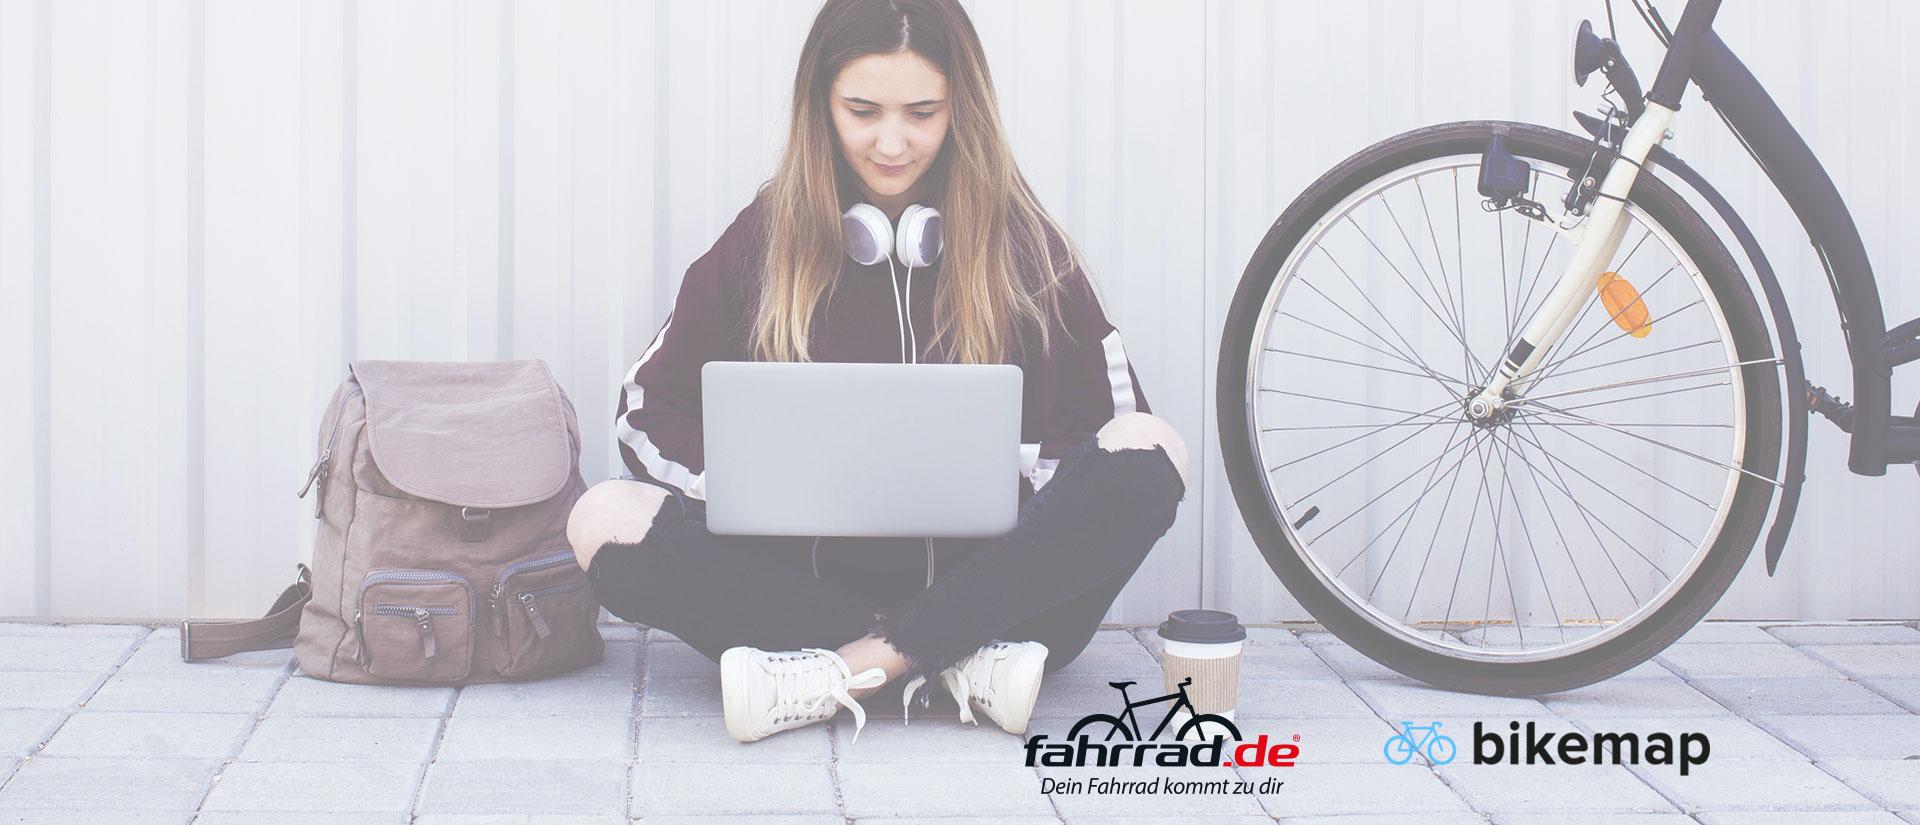 Die Wahl der beliebtesten Fahrrad-Blogs 2018